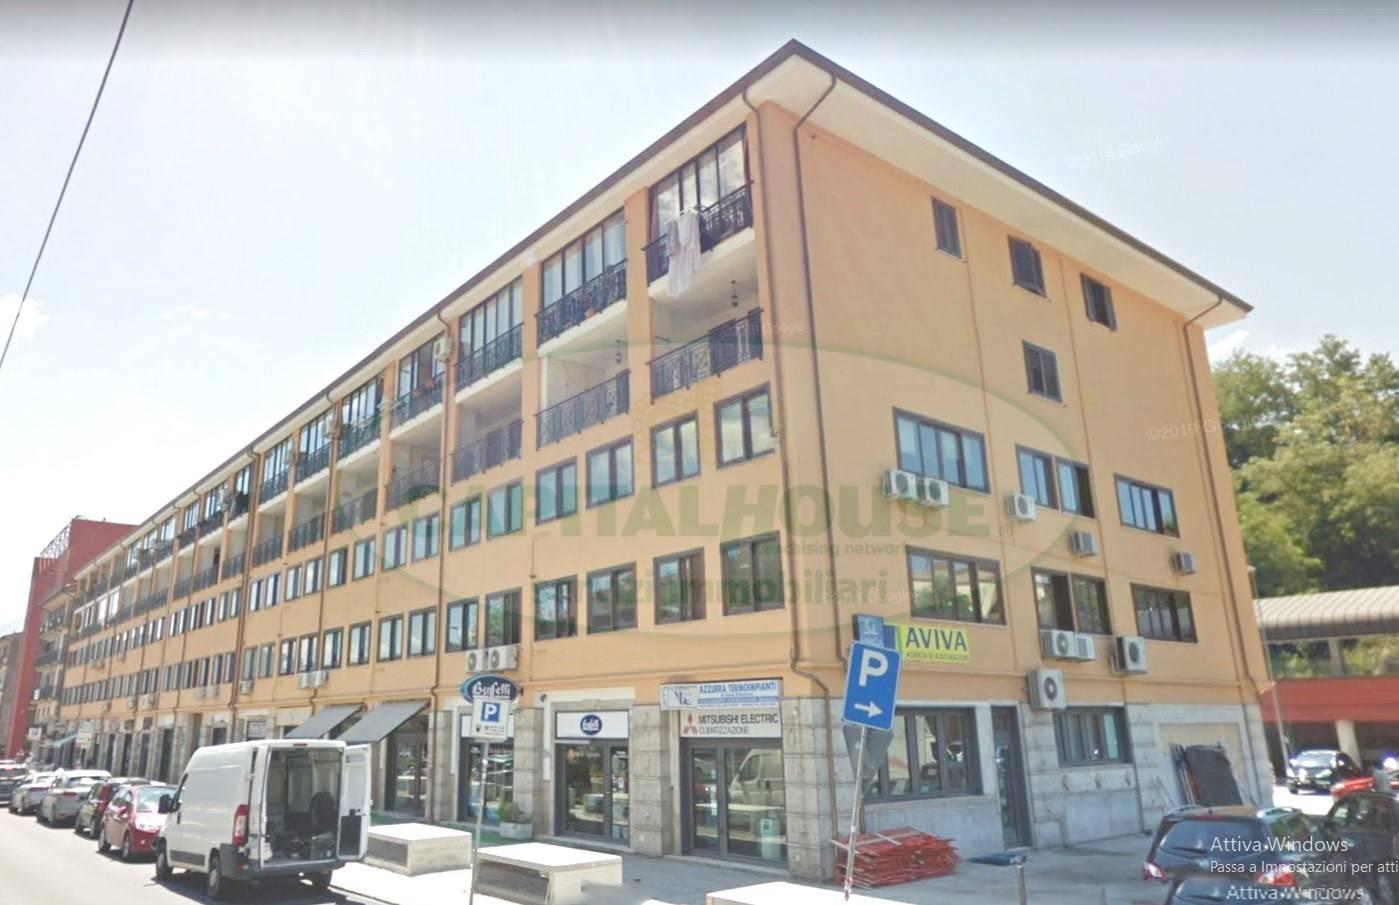 avellino vendita quart: via circumvallazione capitalhouse-avellino2-esclusiva-srl